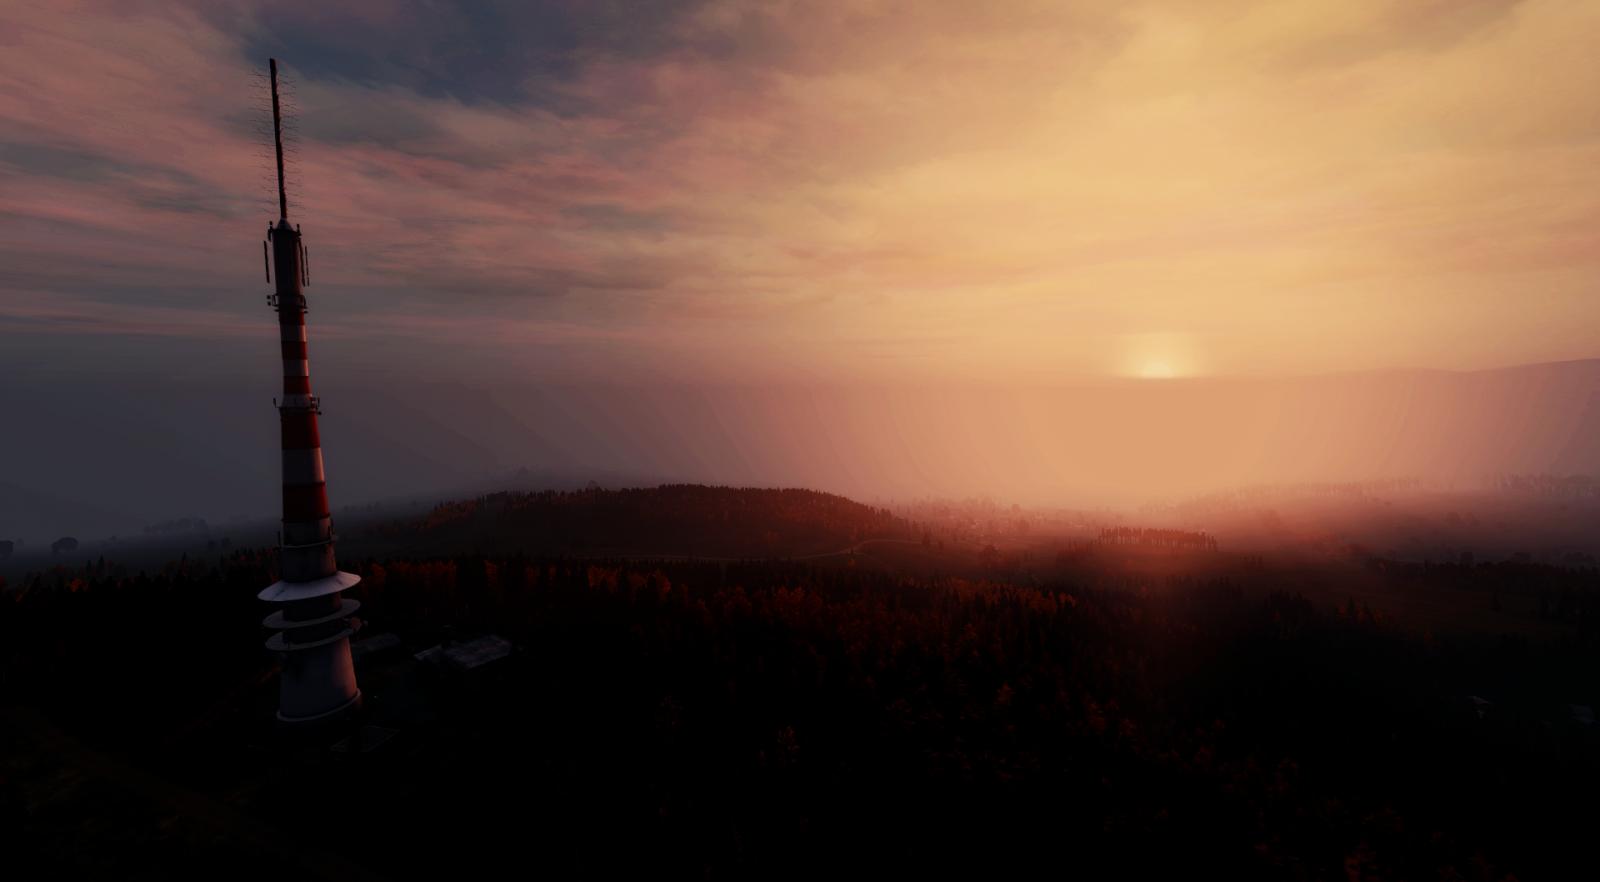 Sunset in Zelen